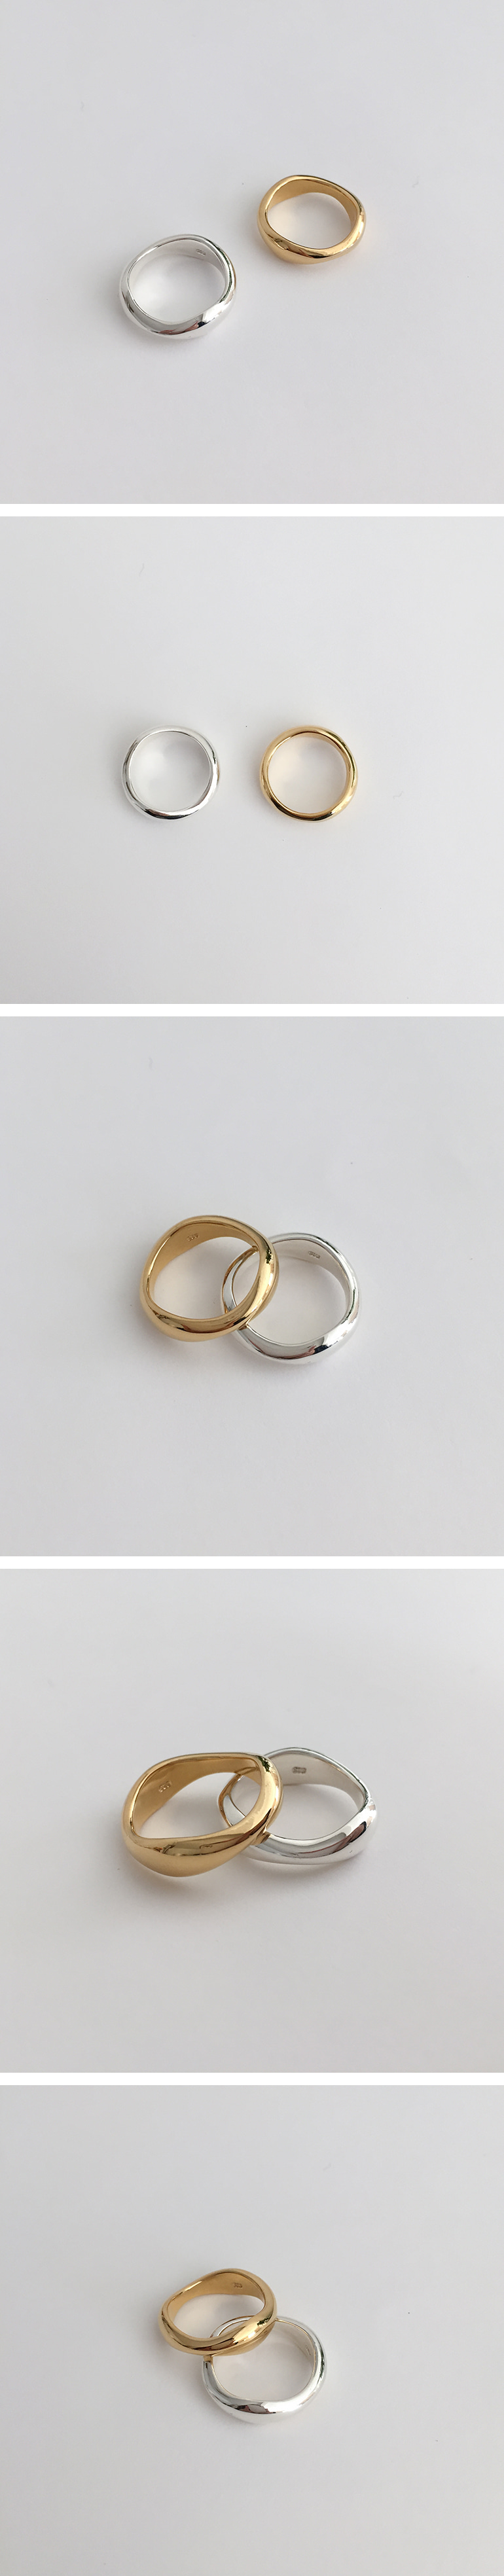 (silver925) modern ring